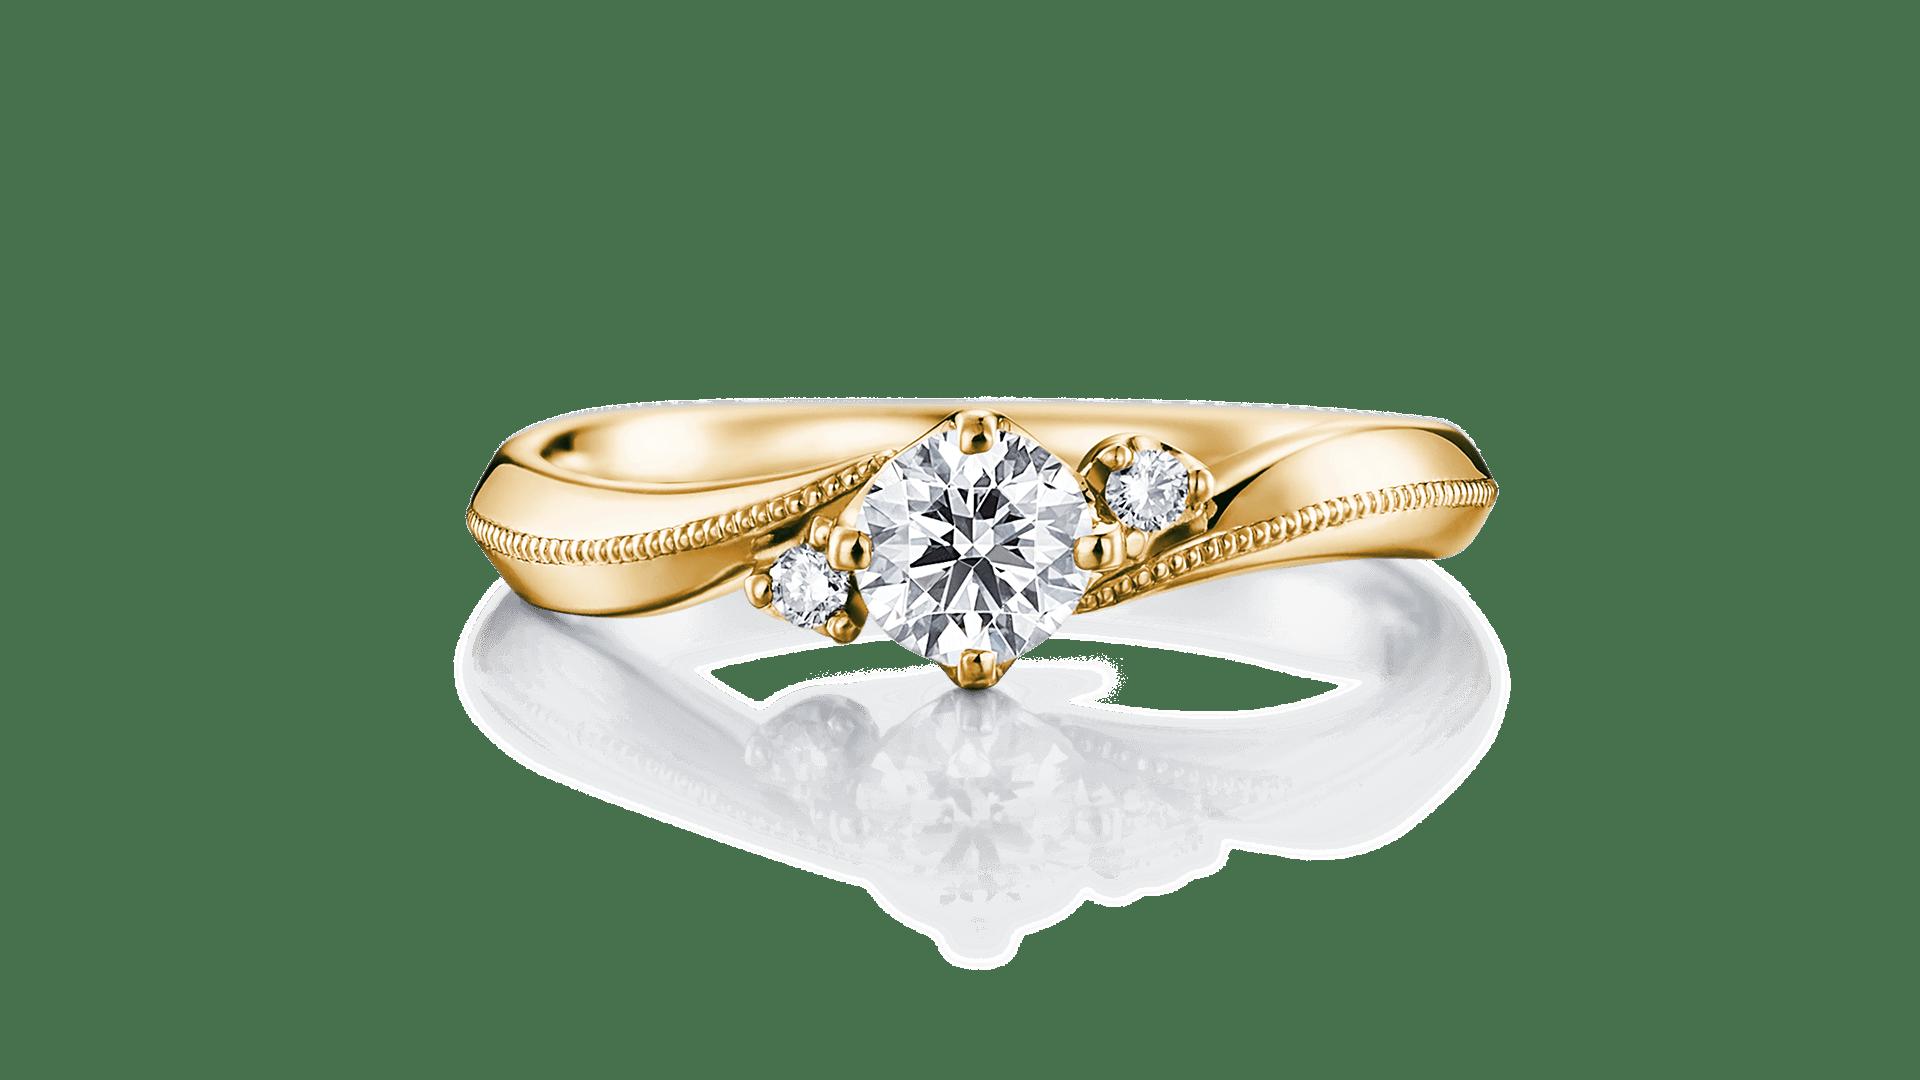 procyon プロキオン   婚約指輪サムネイル 1